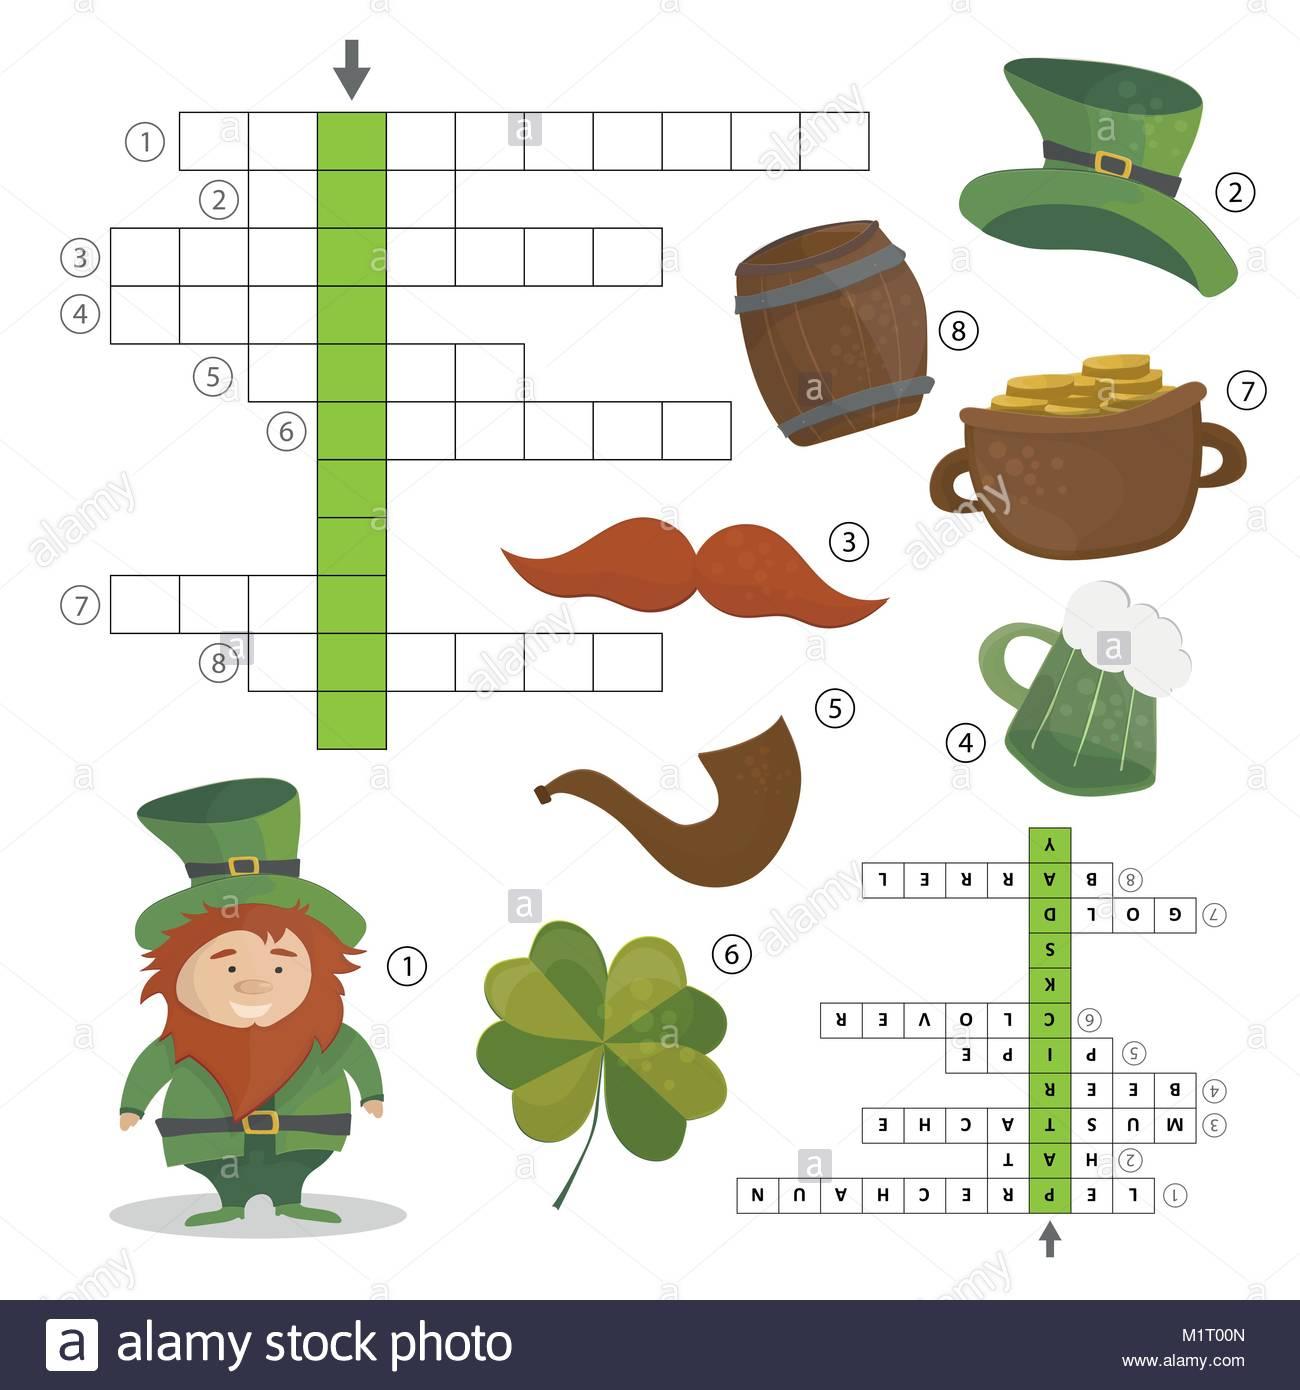 Patricks Day Holiday - Puzzle - Jeu De Mots Croisés. Réponse avec Jeu De Mot Croisé